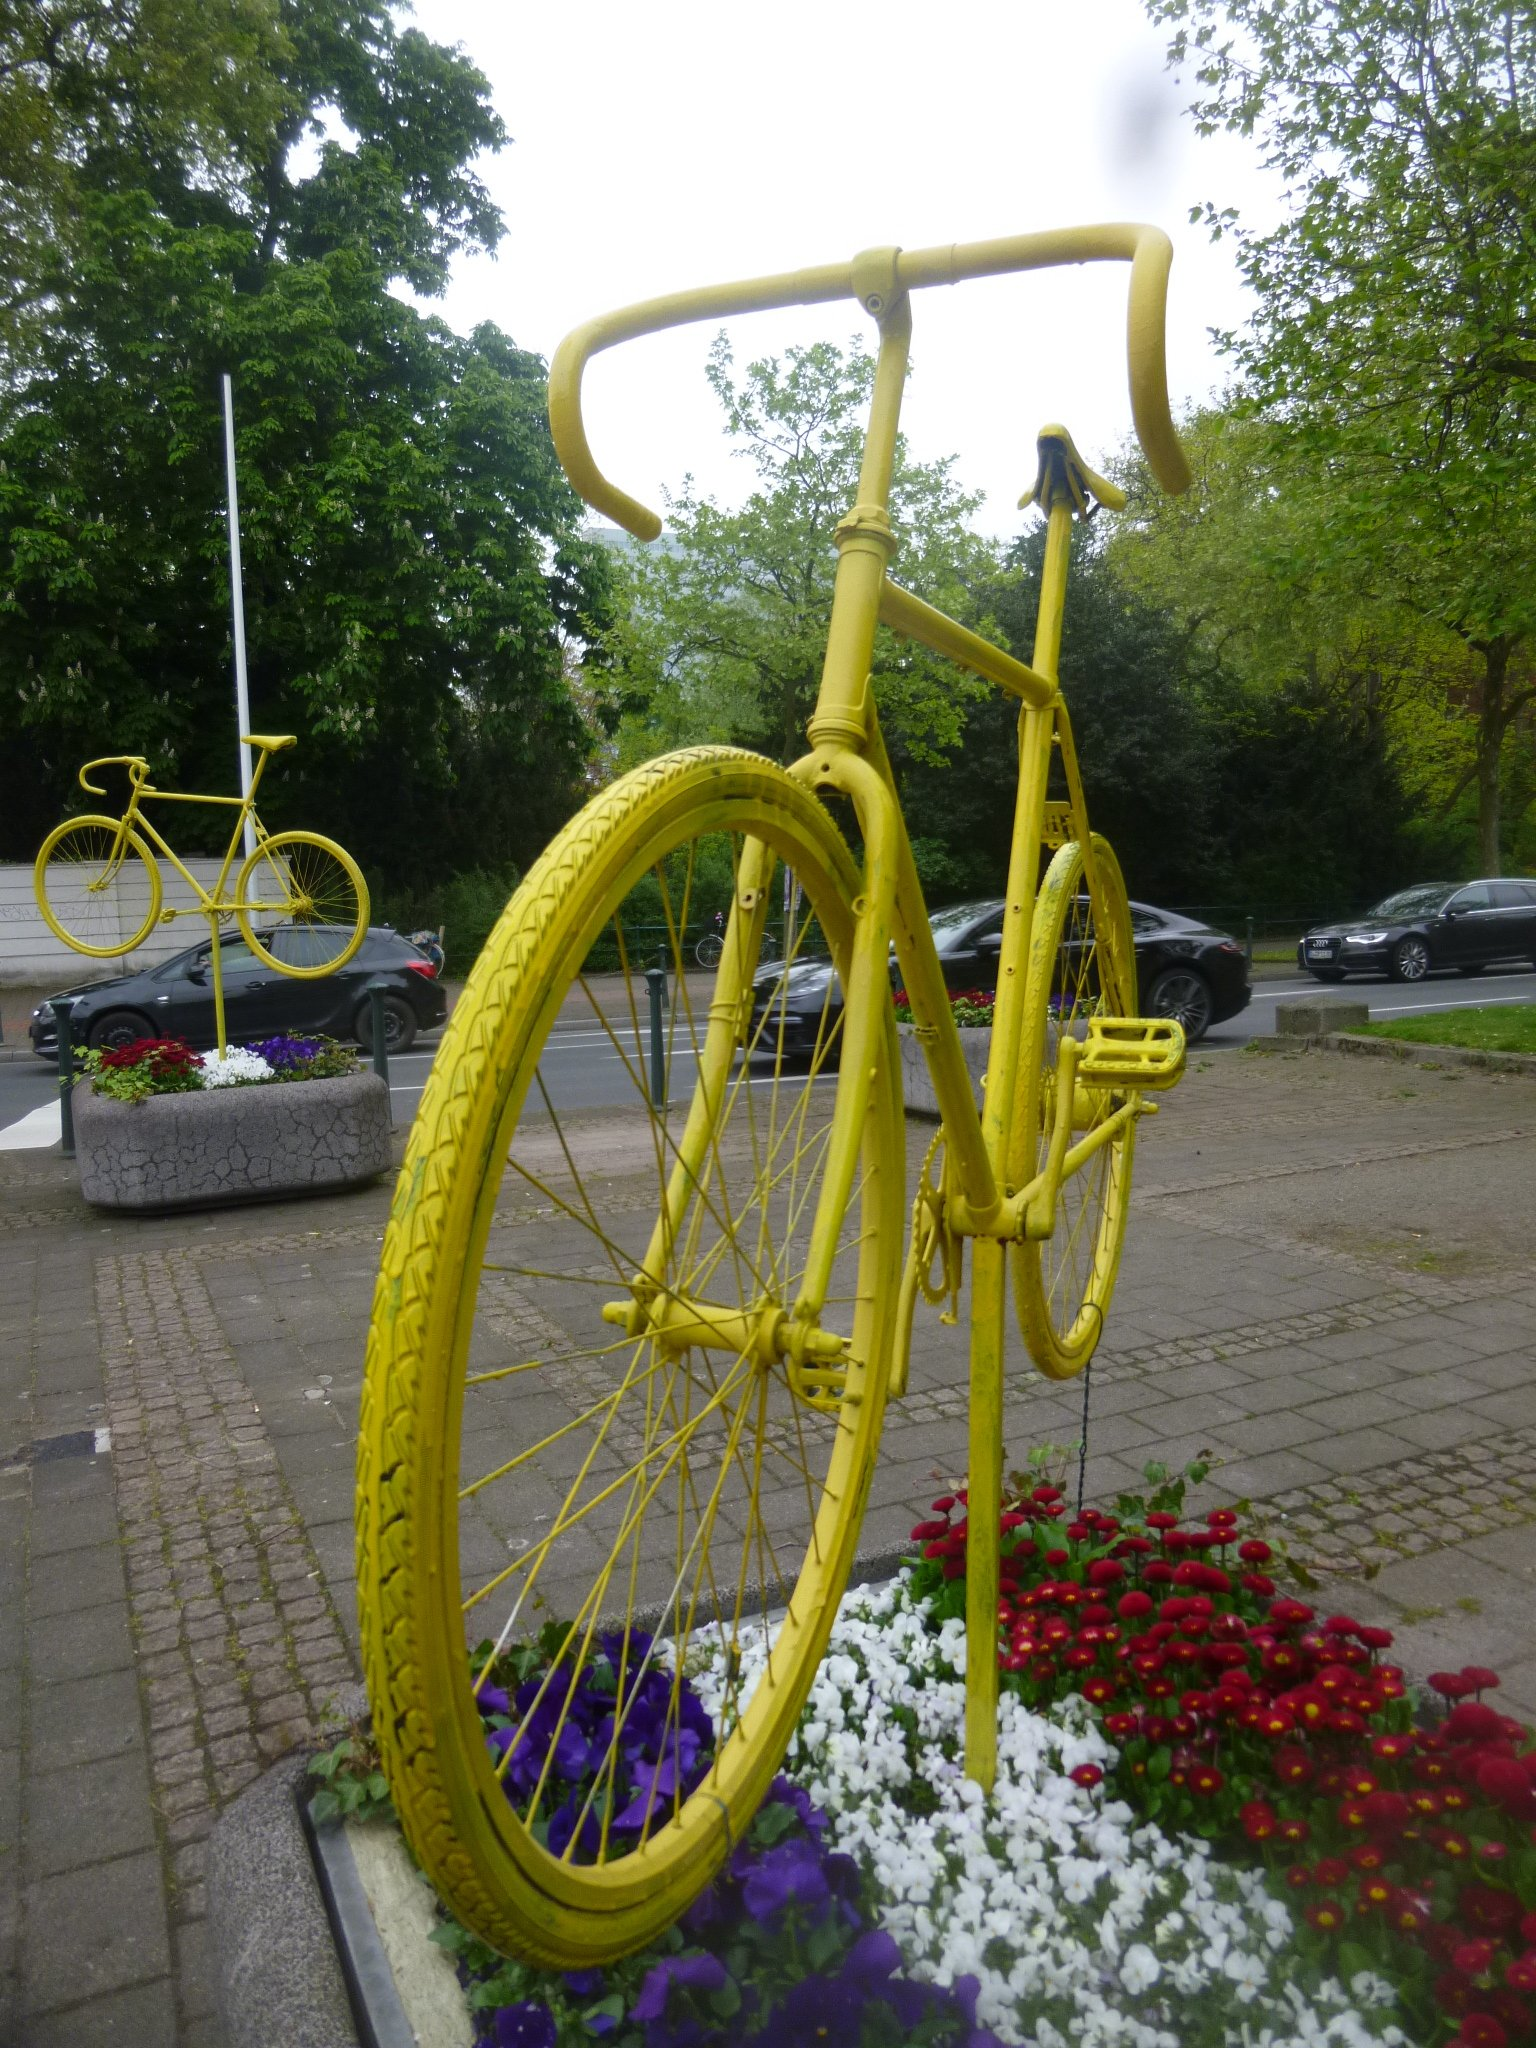 Fahrrad - gelb HHA